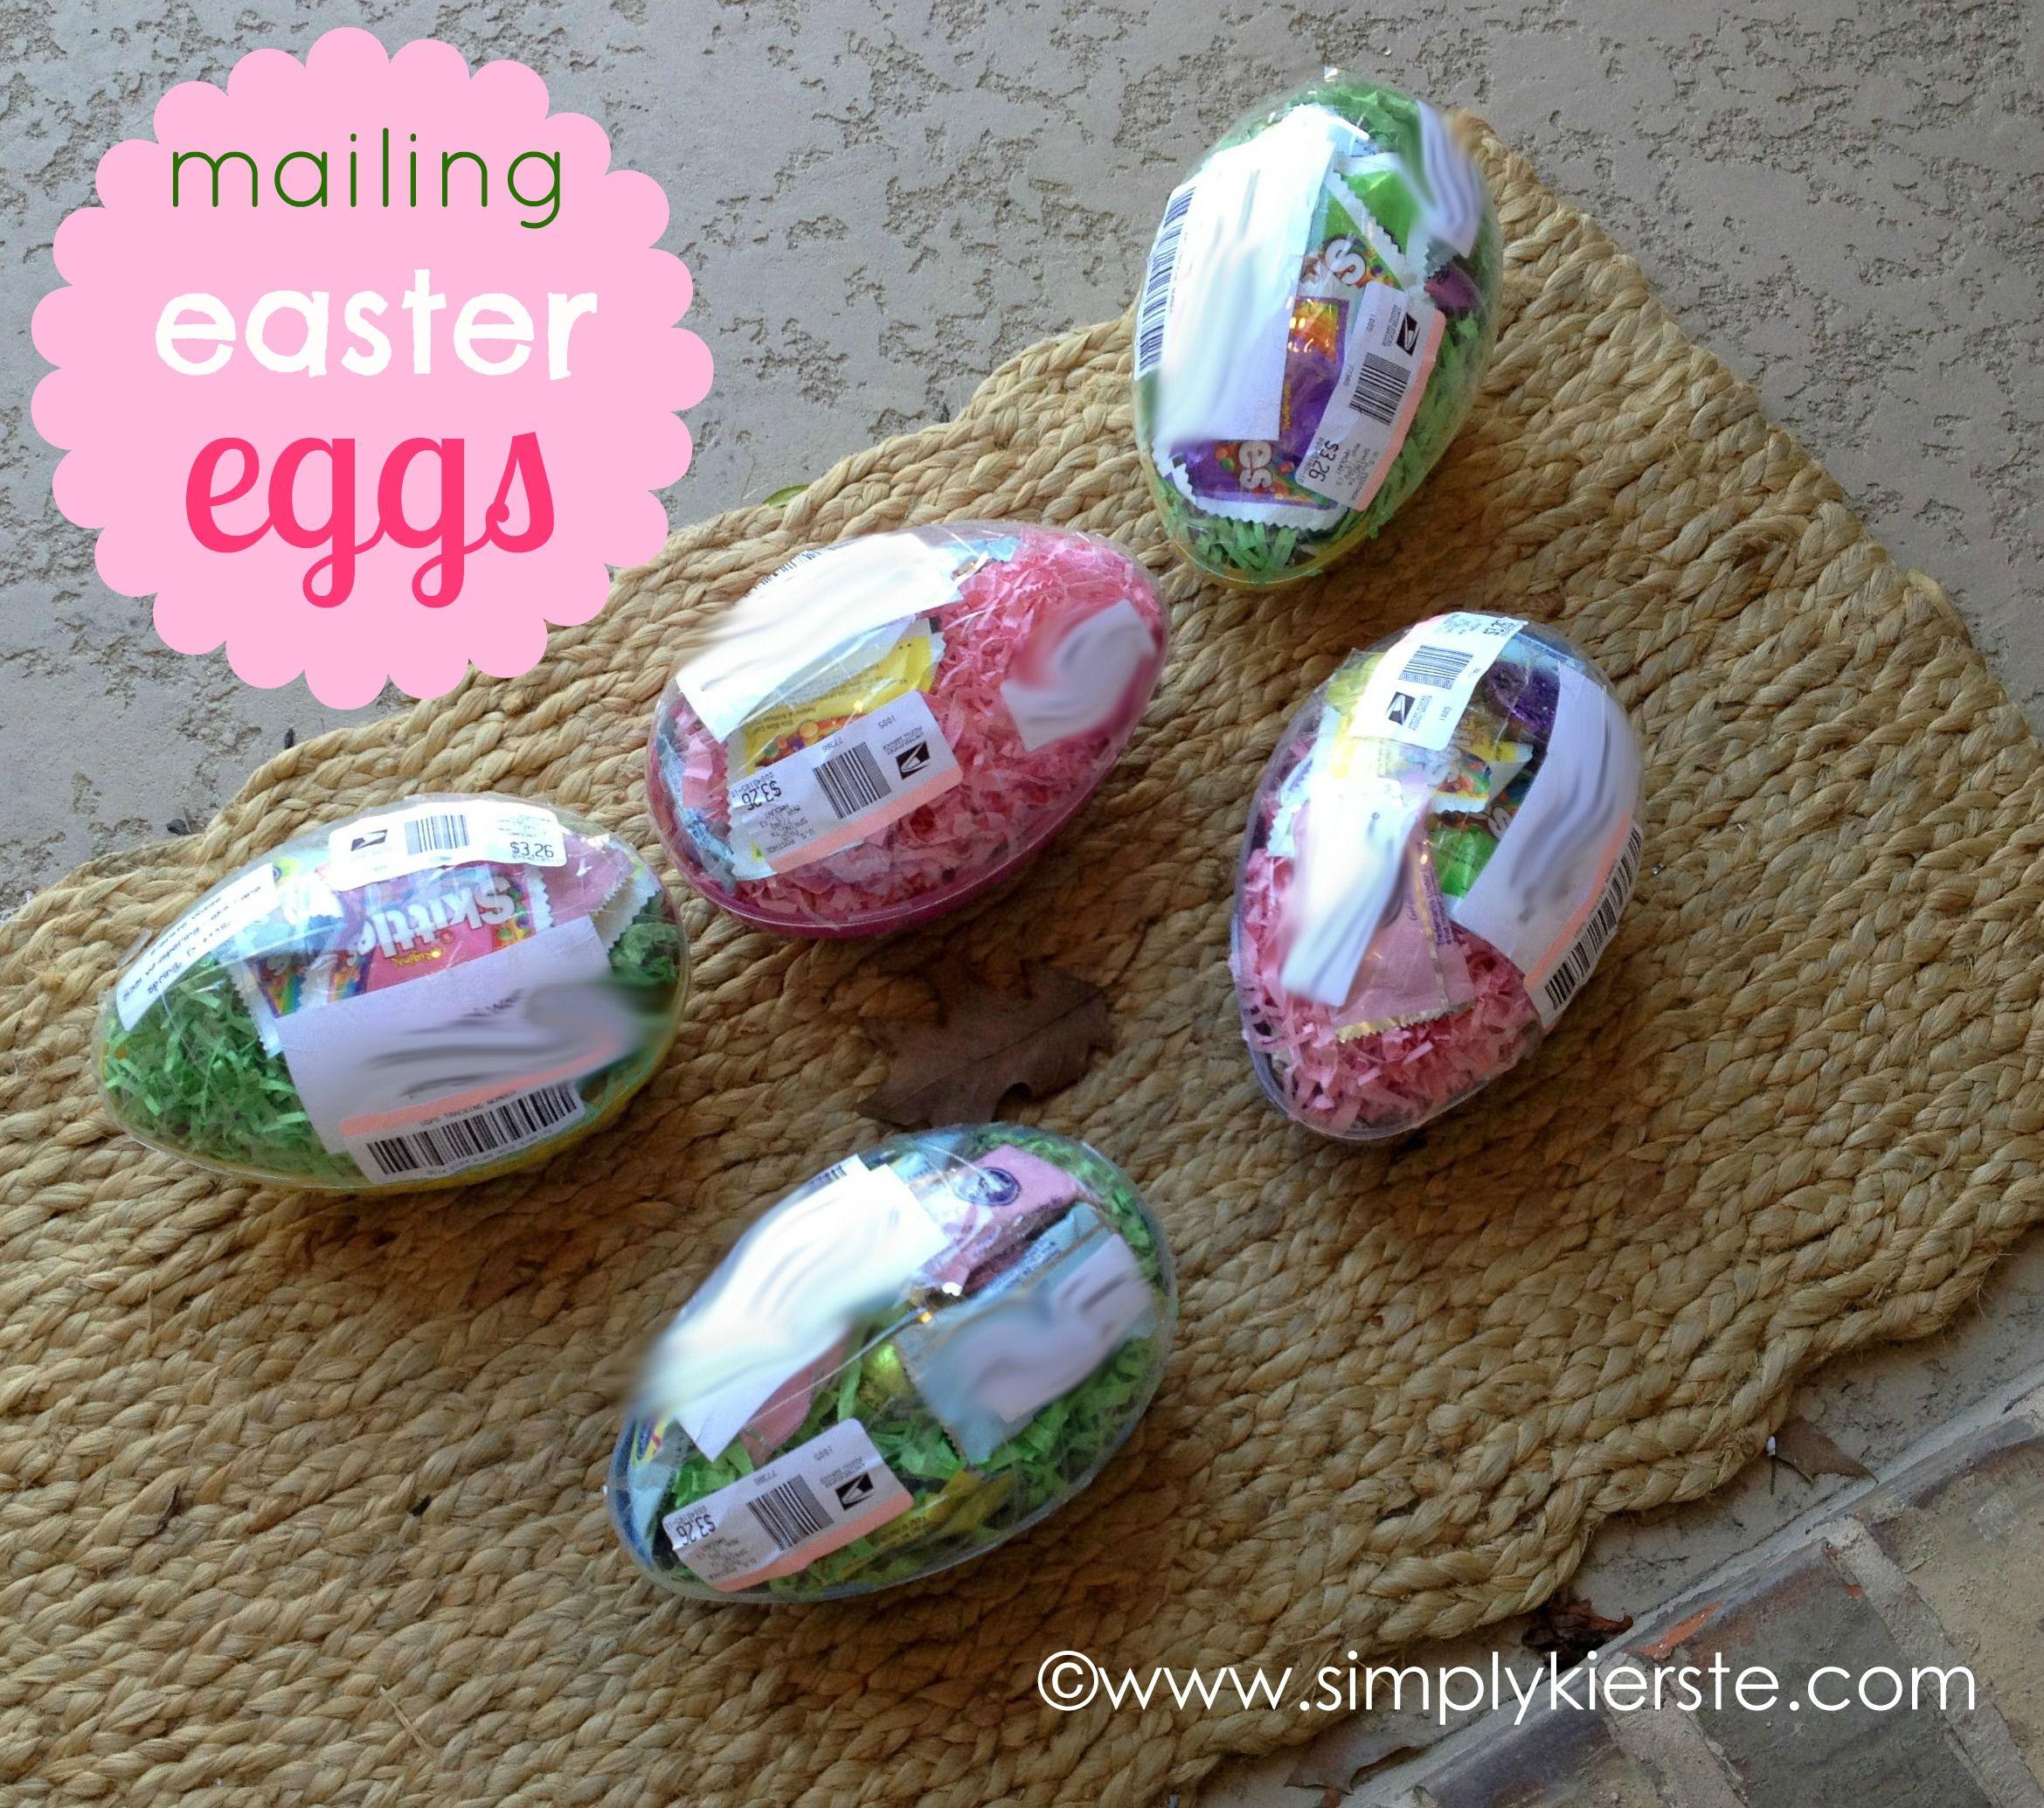 Mailing Plastic Easter Eggs  oldsaltfarm.com  Easter crafts